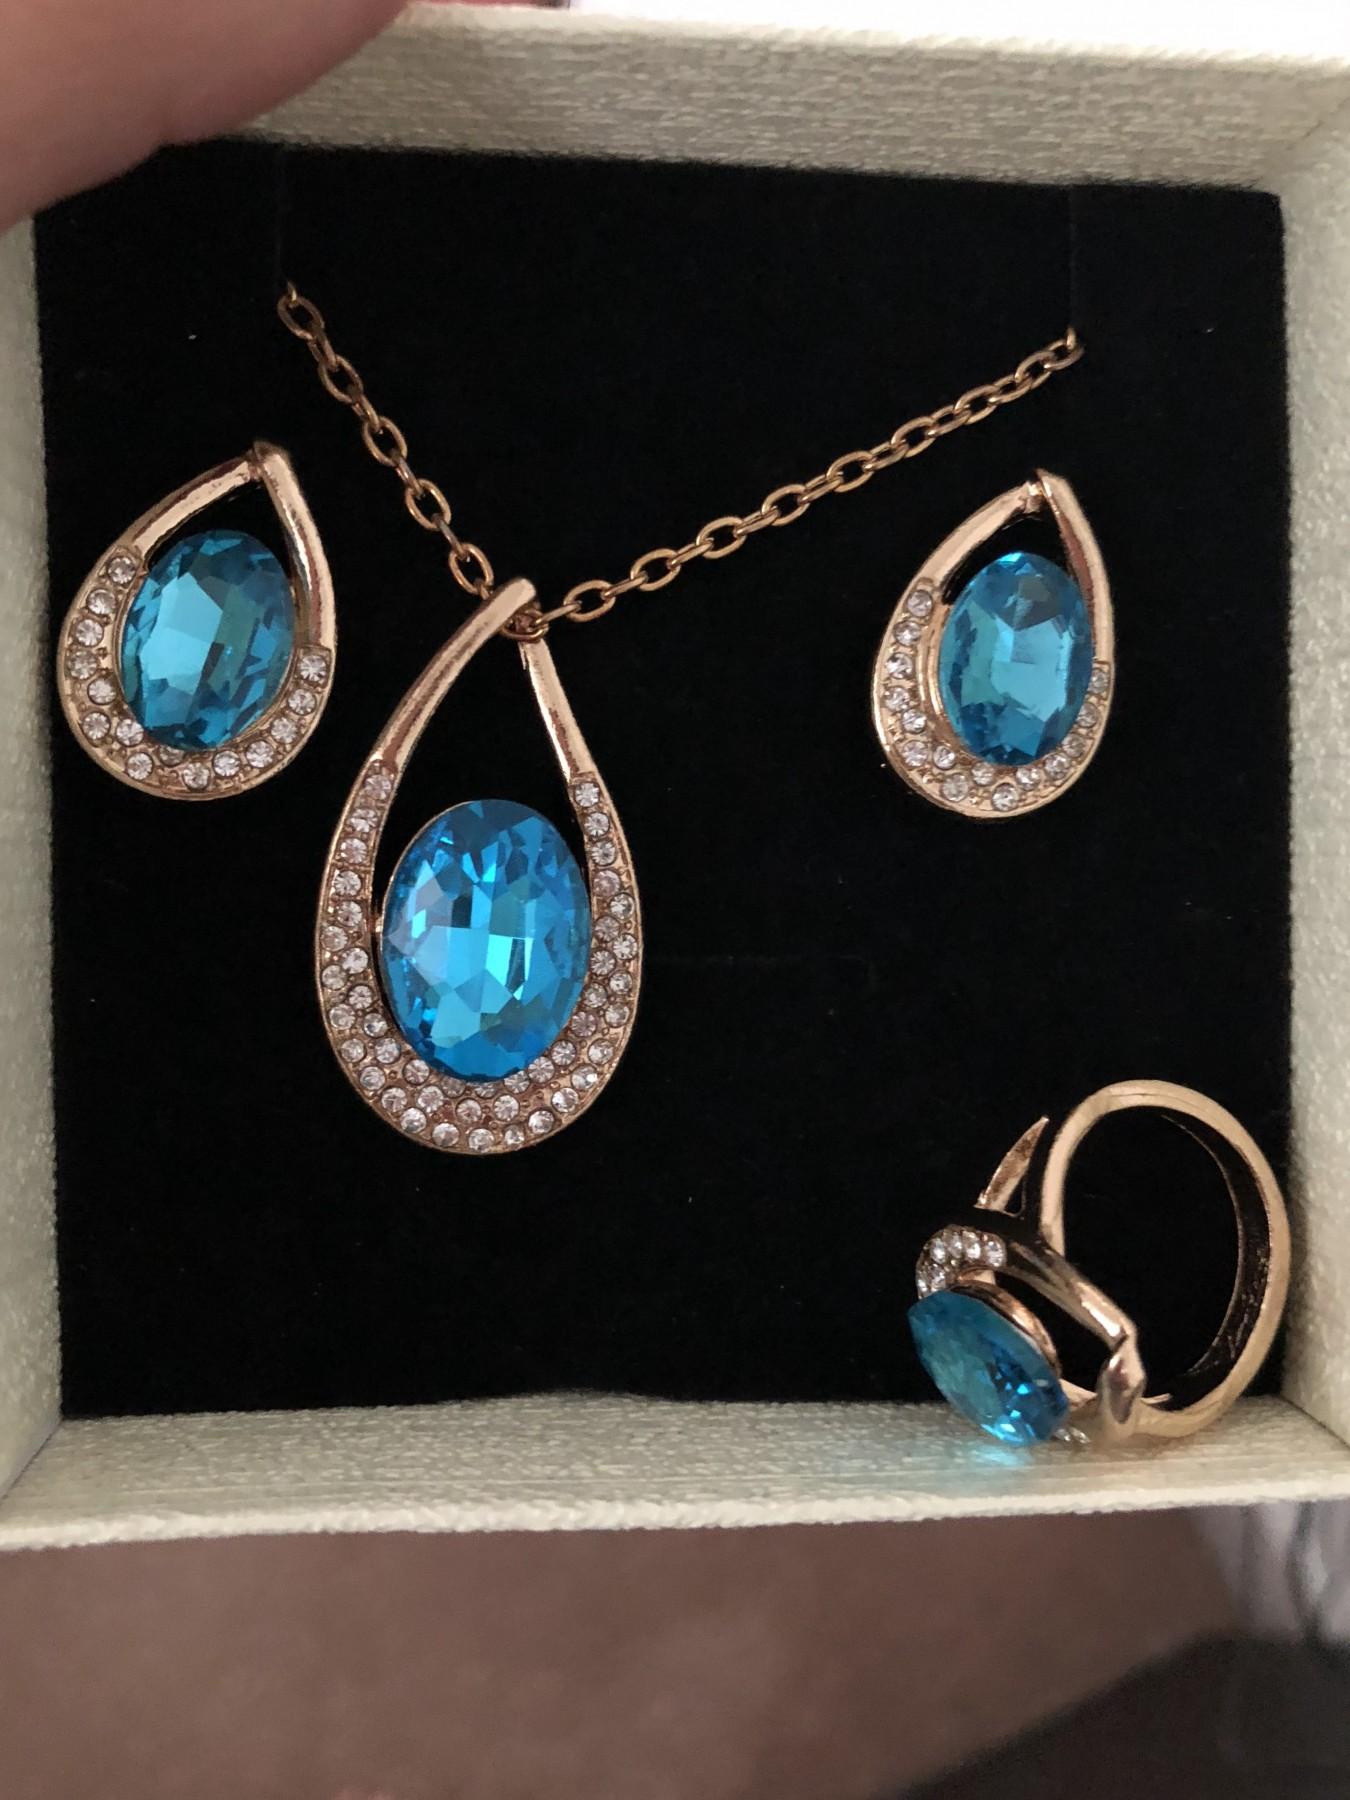 Nice jewelry set